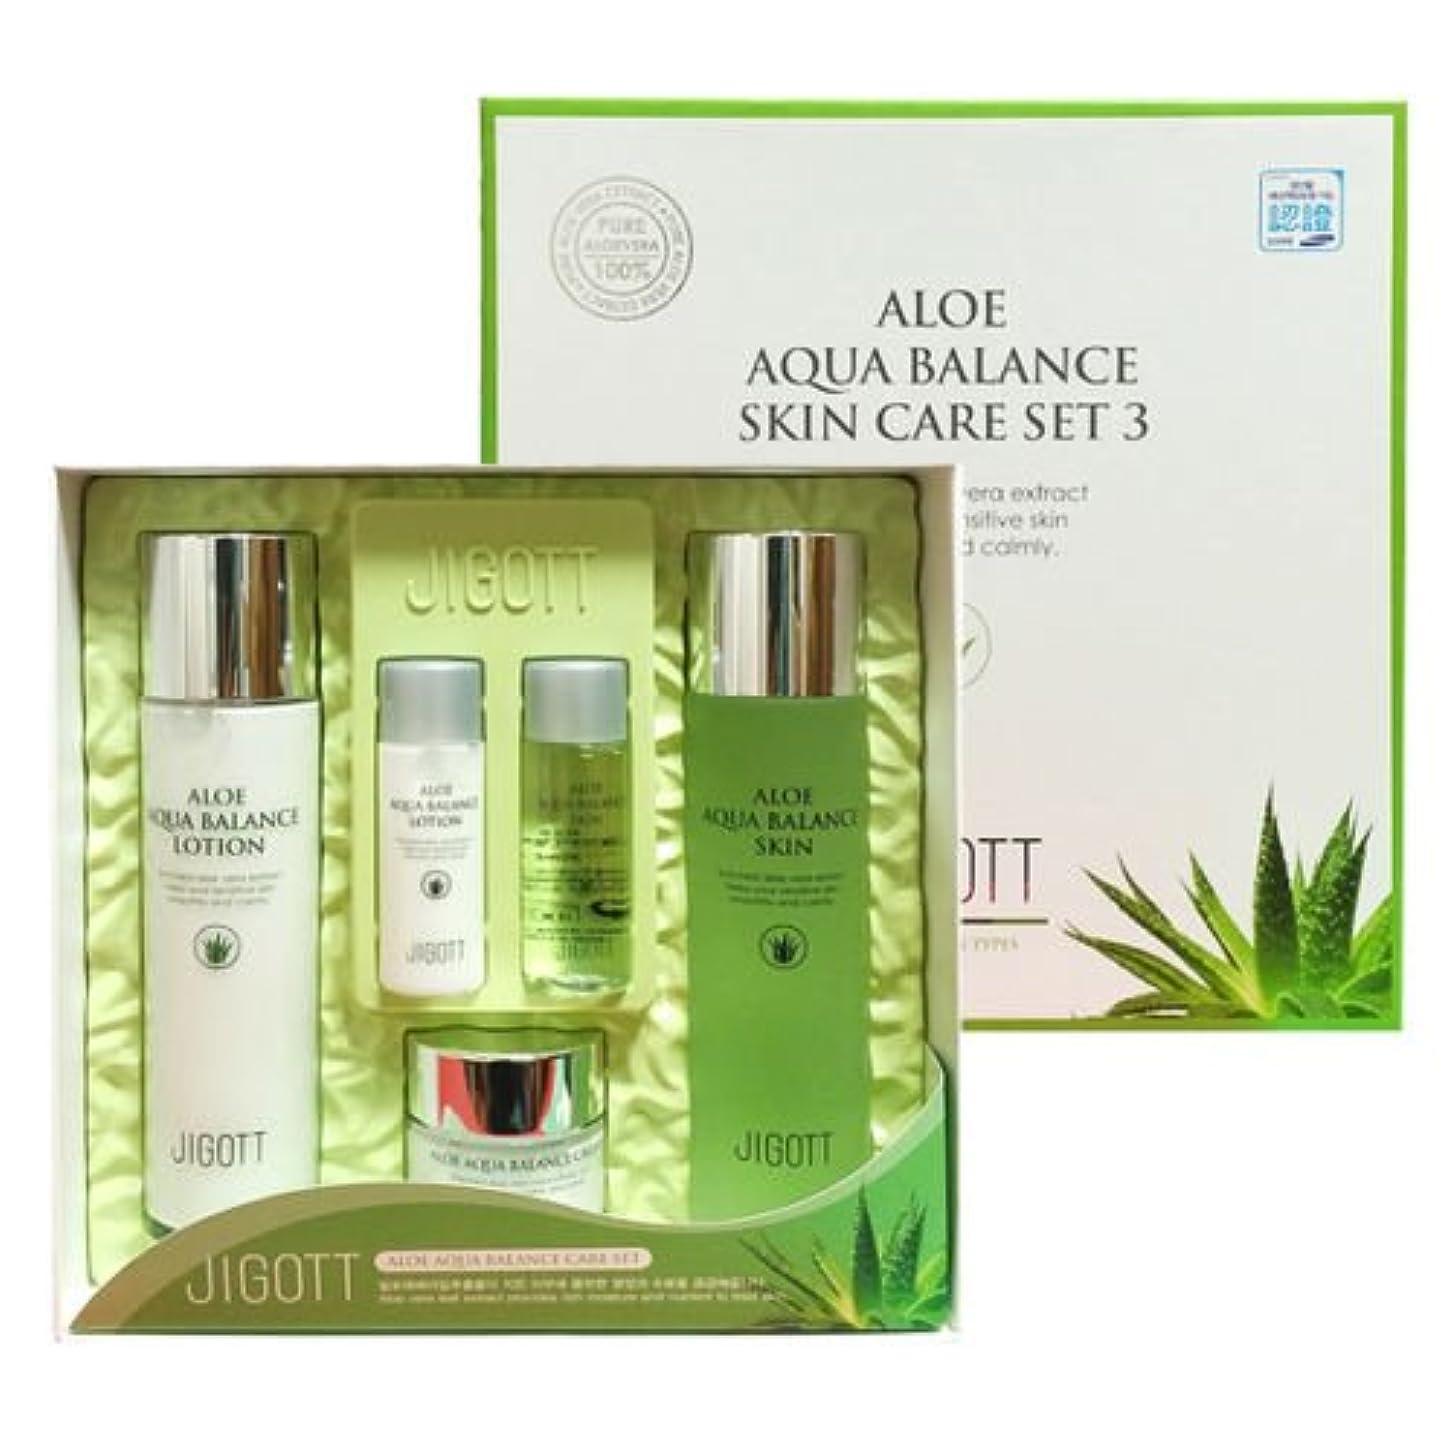 アクセシブル入場料待つジゴトゥ[韓国コスメJigott]Aloe Aqua Balance Skin Care 3 Set アロエアクアバランススキンケア3セット樹液,乳液,クリーム [並行輸入品]